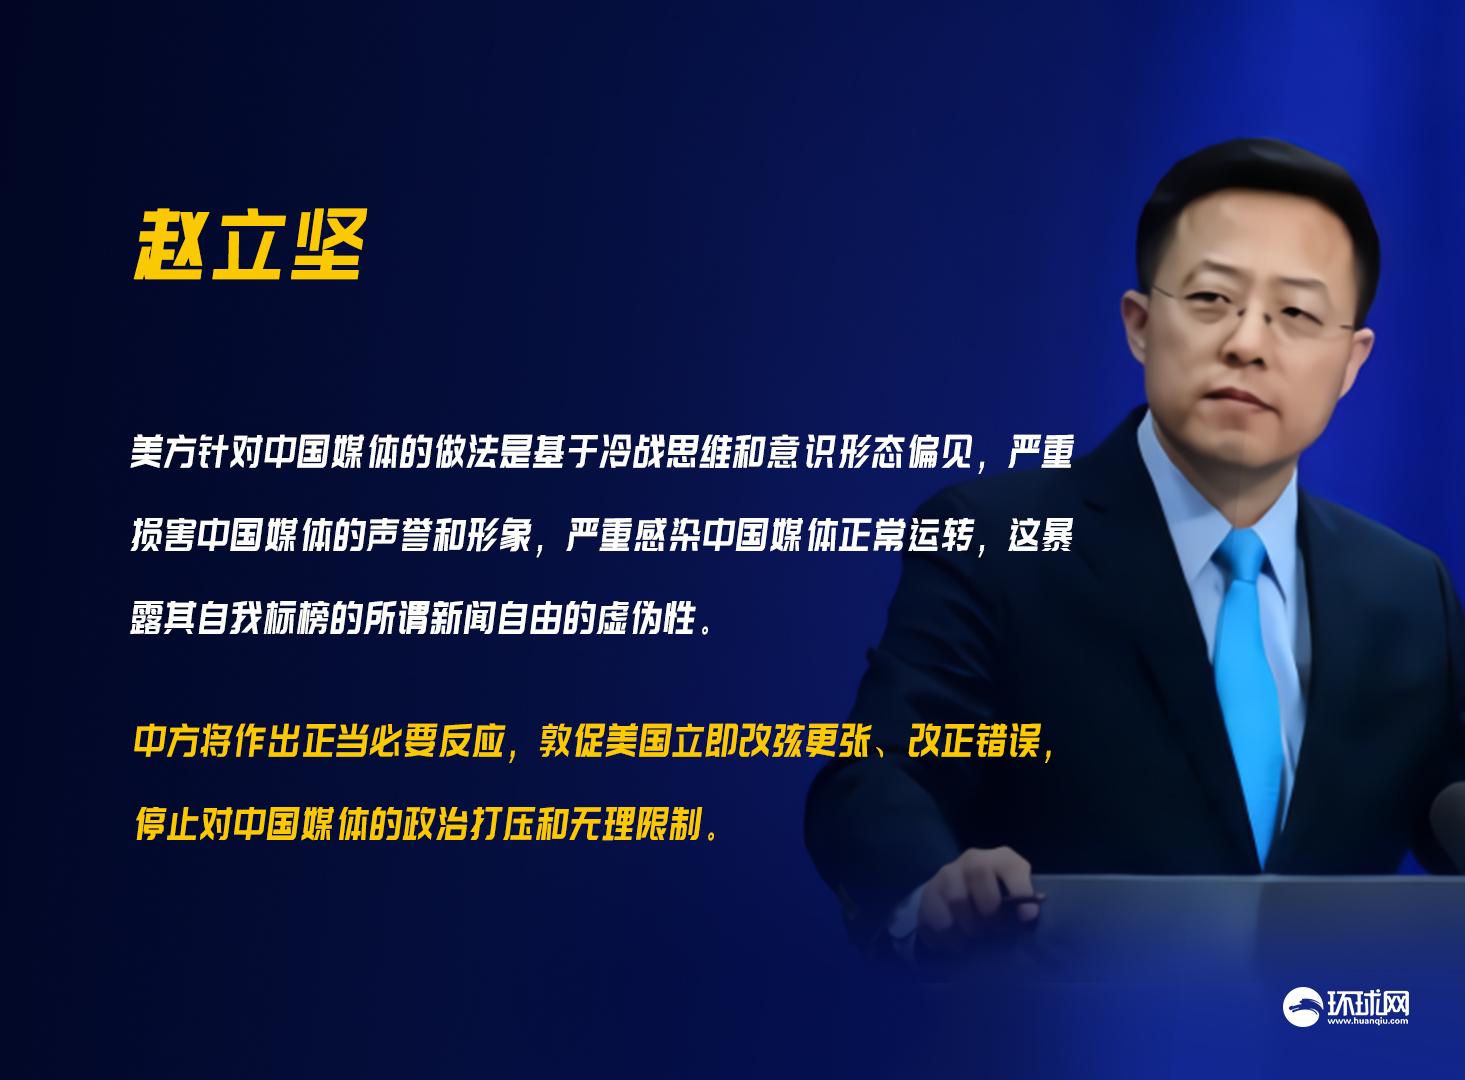 """【彩乐园2进入dsn292com】_美国再列6家中国媒体为""""外国使团"""" 外交部回应"""